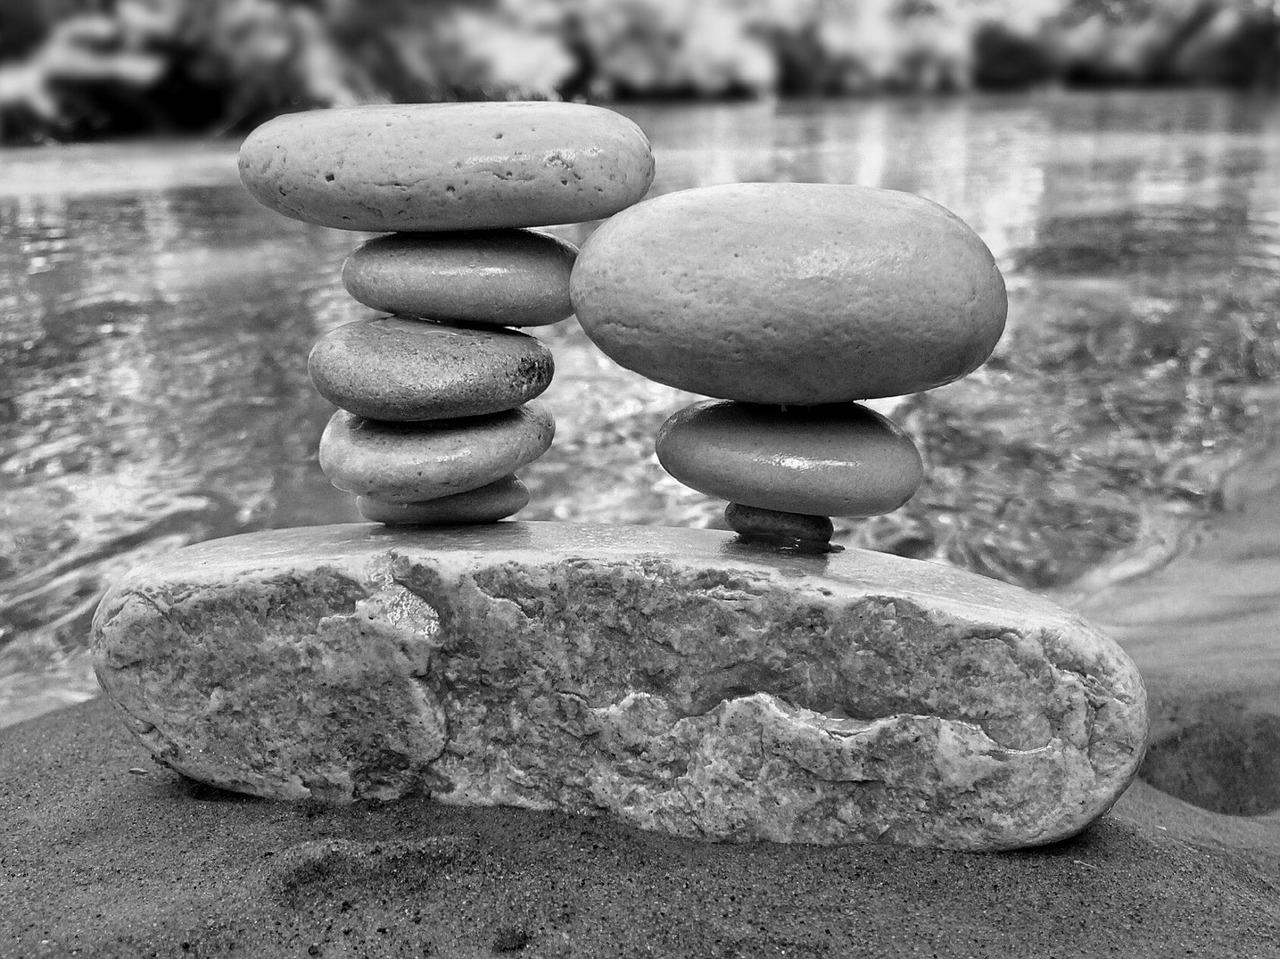 stones-800791_1280